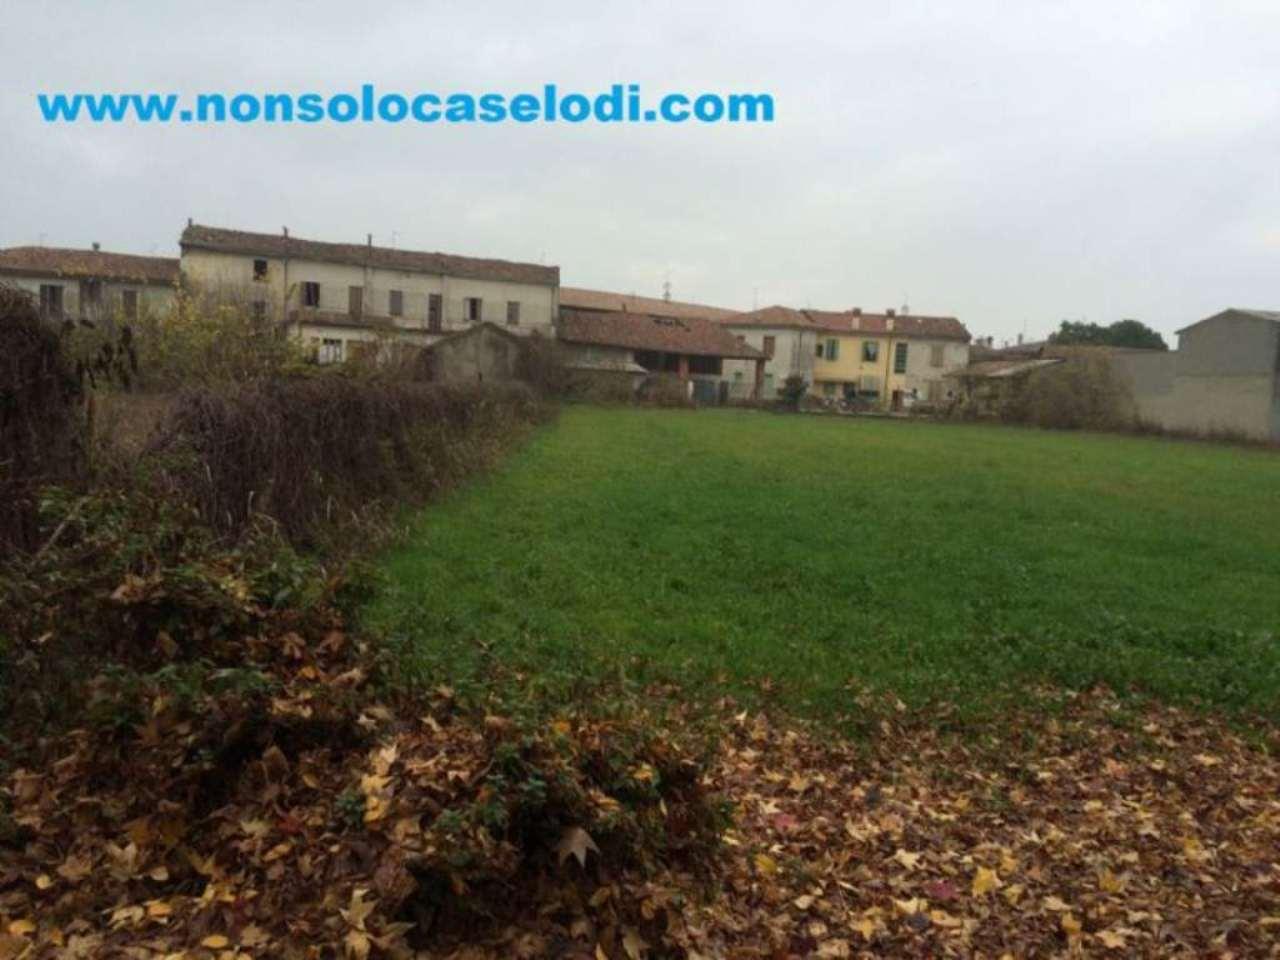 Terreno Edificabile Residenziale in vendita a Crespiatica, 9999 locali, prezzo € 145.000 | Cambio Casa.it